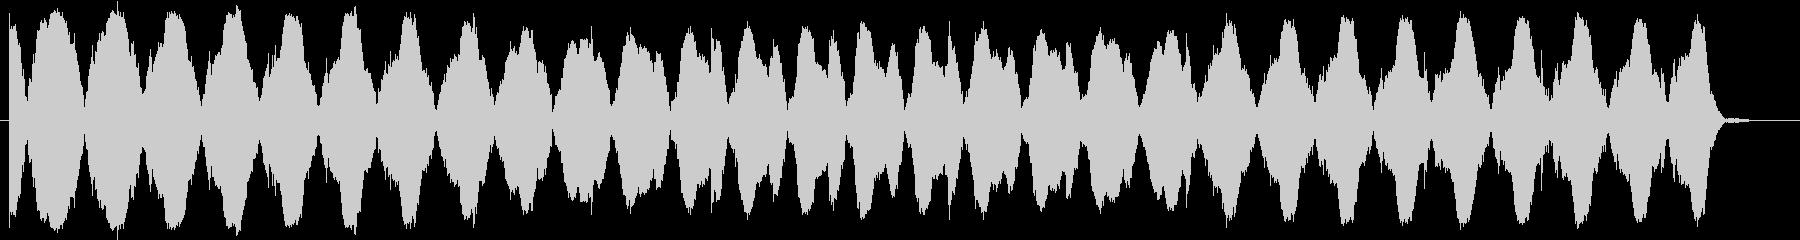 暗い安になる音楽(ミステリー、ホラー)の未再生の波形